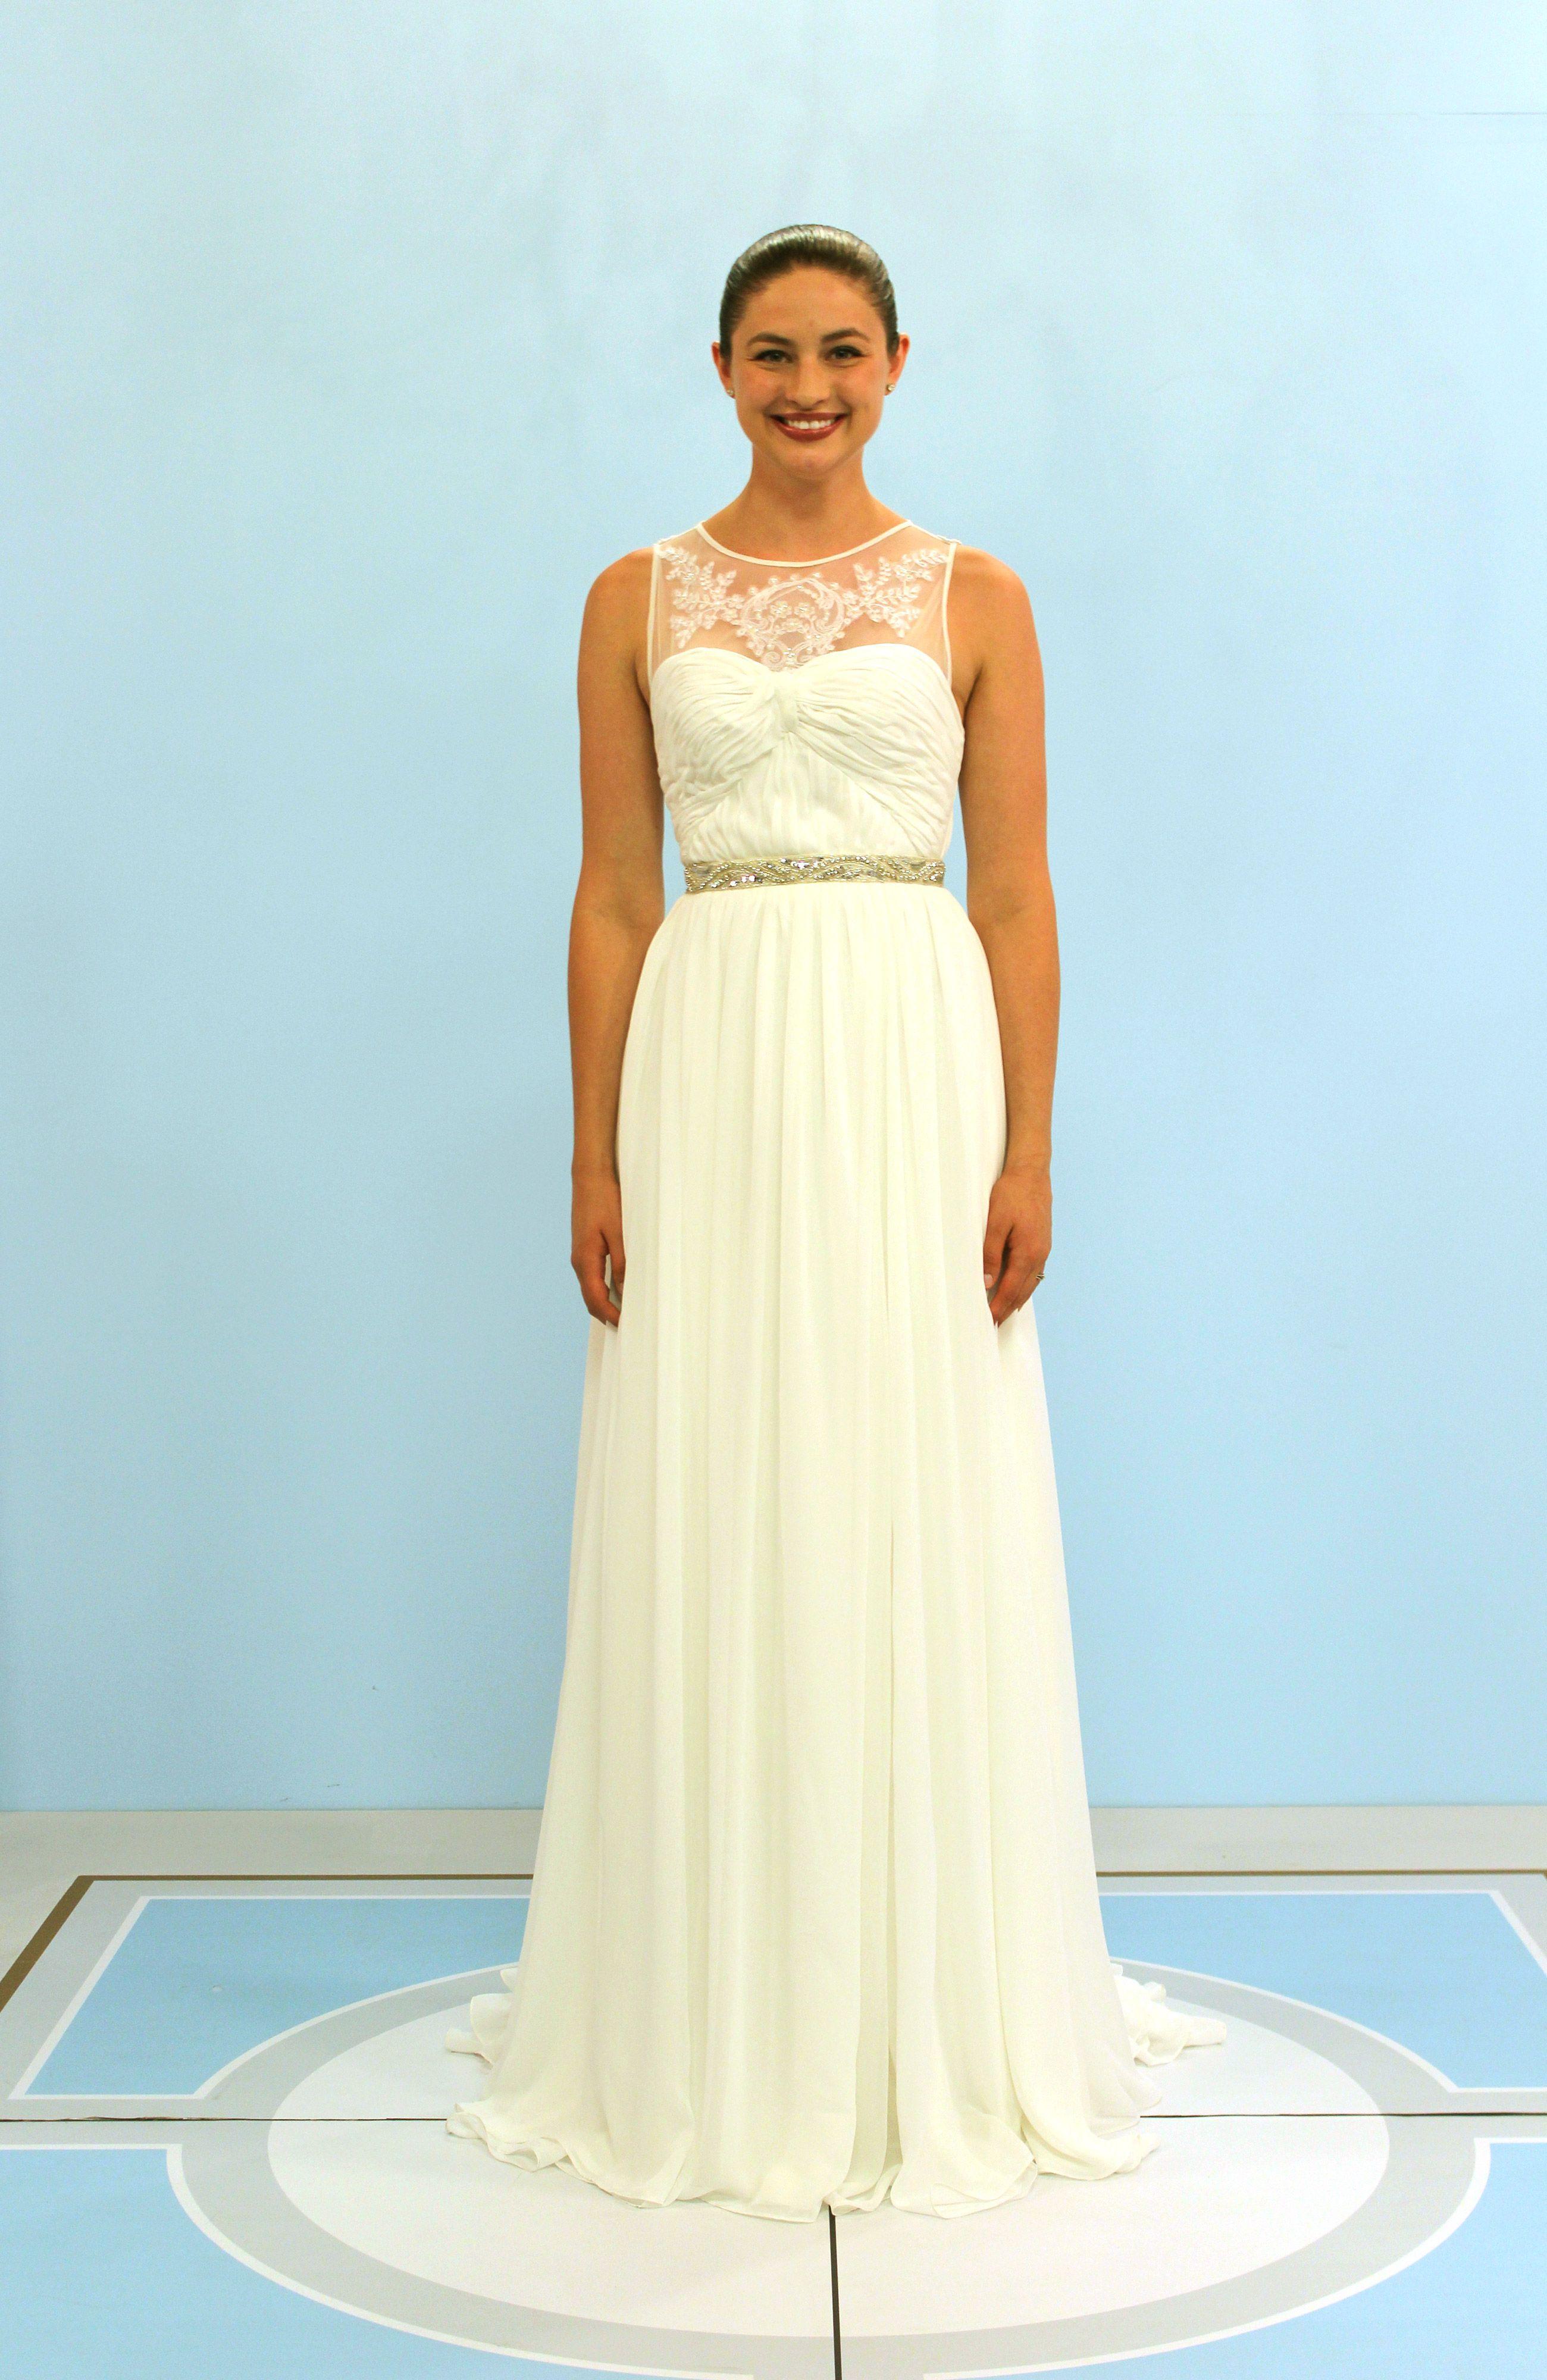 Stunning Wedding Dresses Minnesota Ideas - Wedding Ideas - memiocall.com